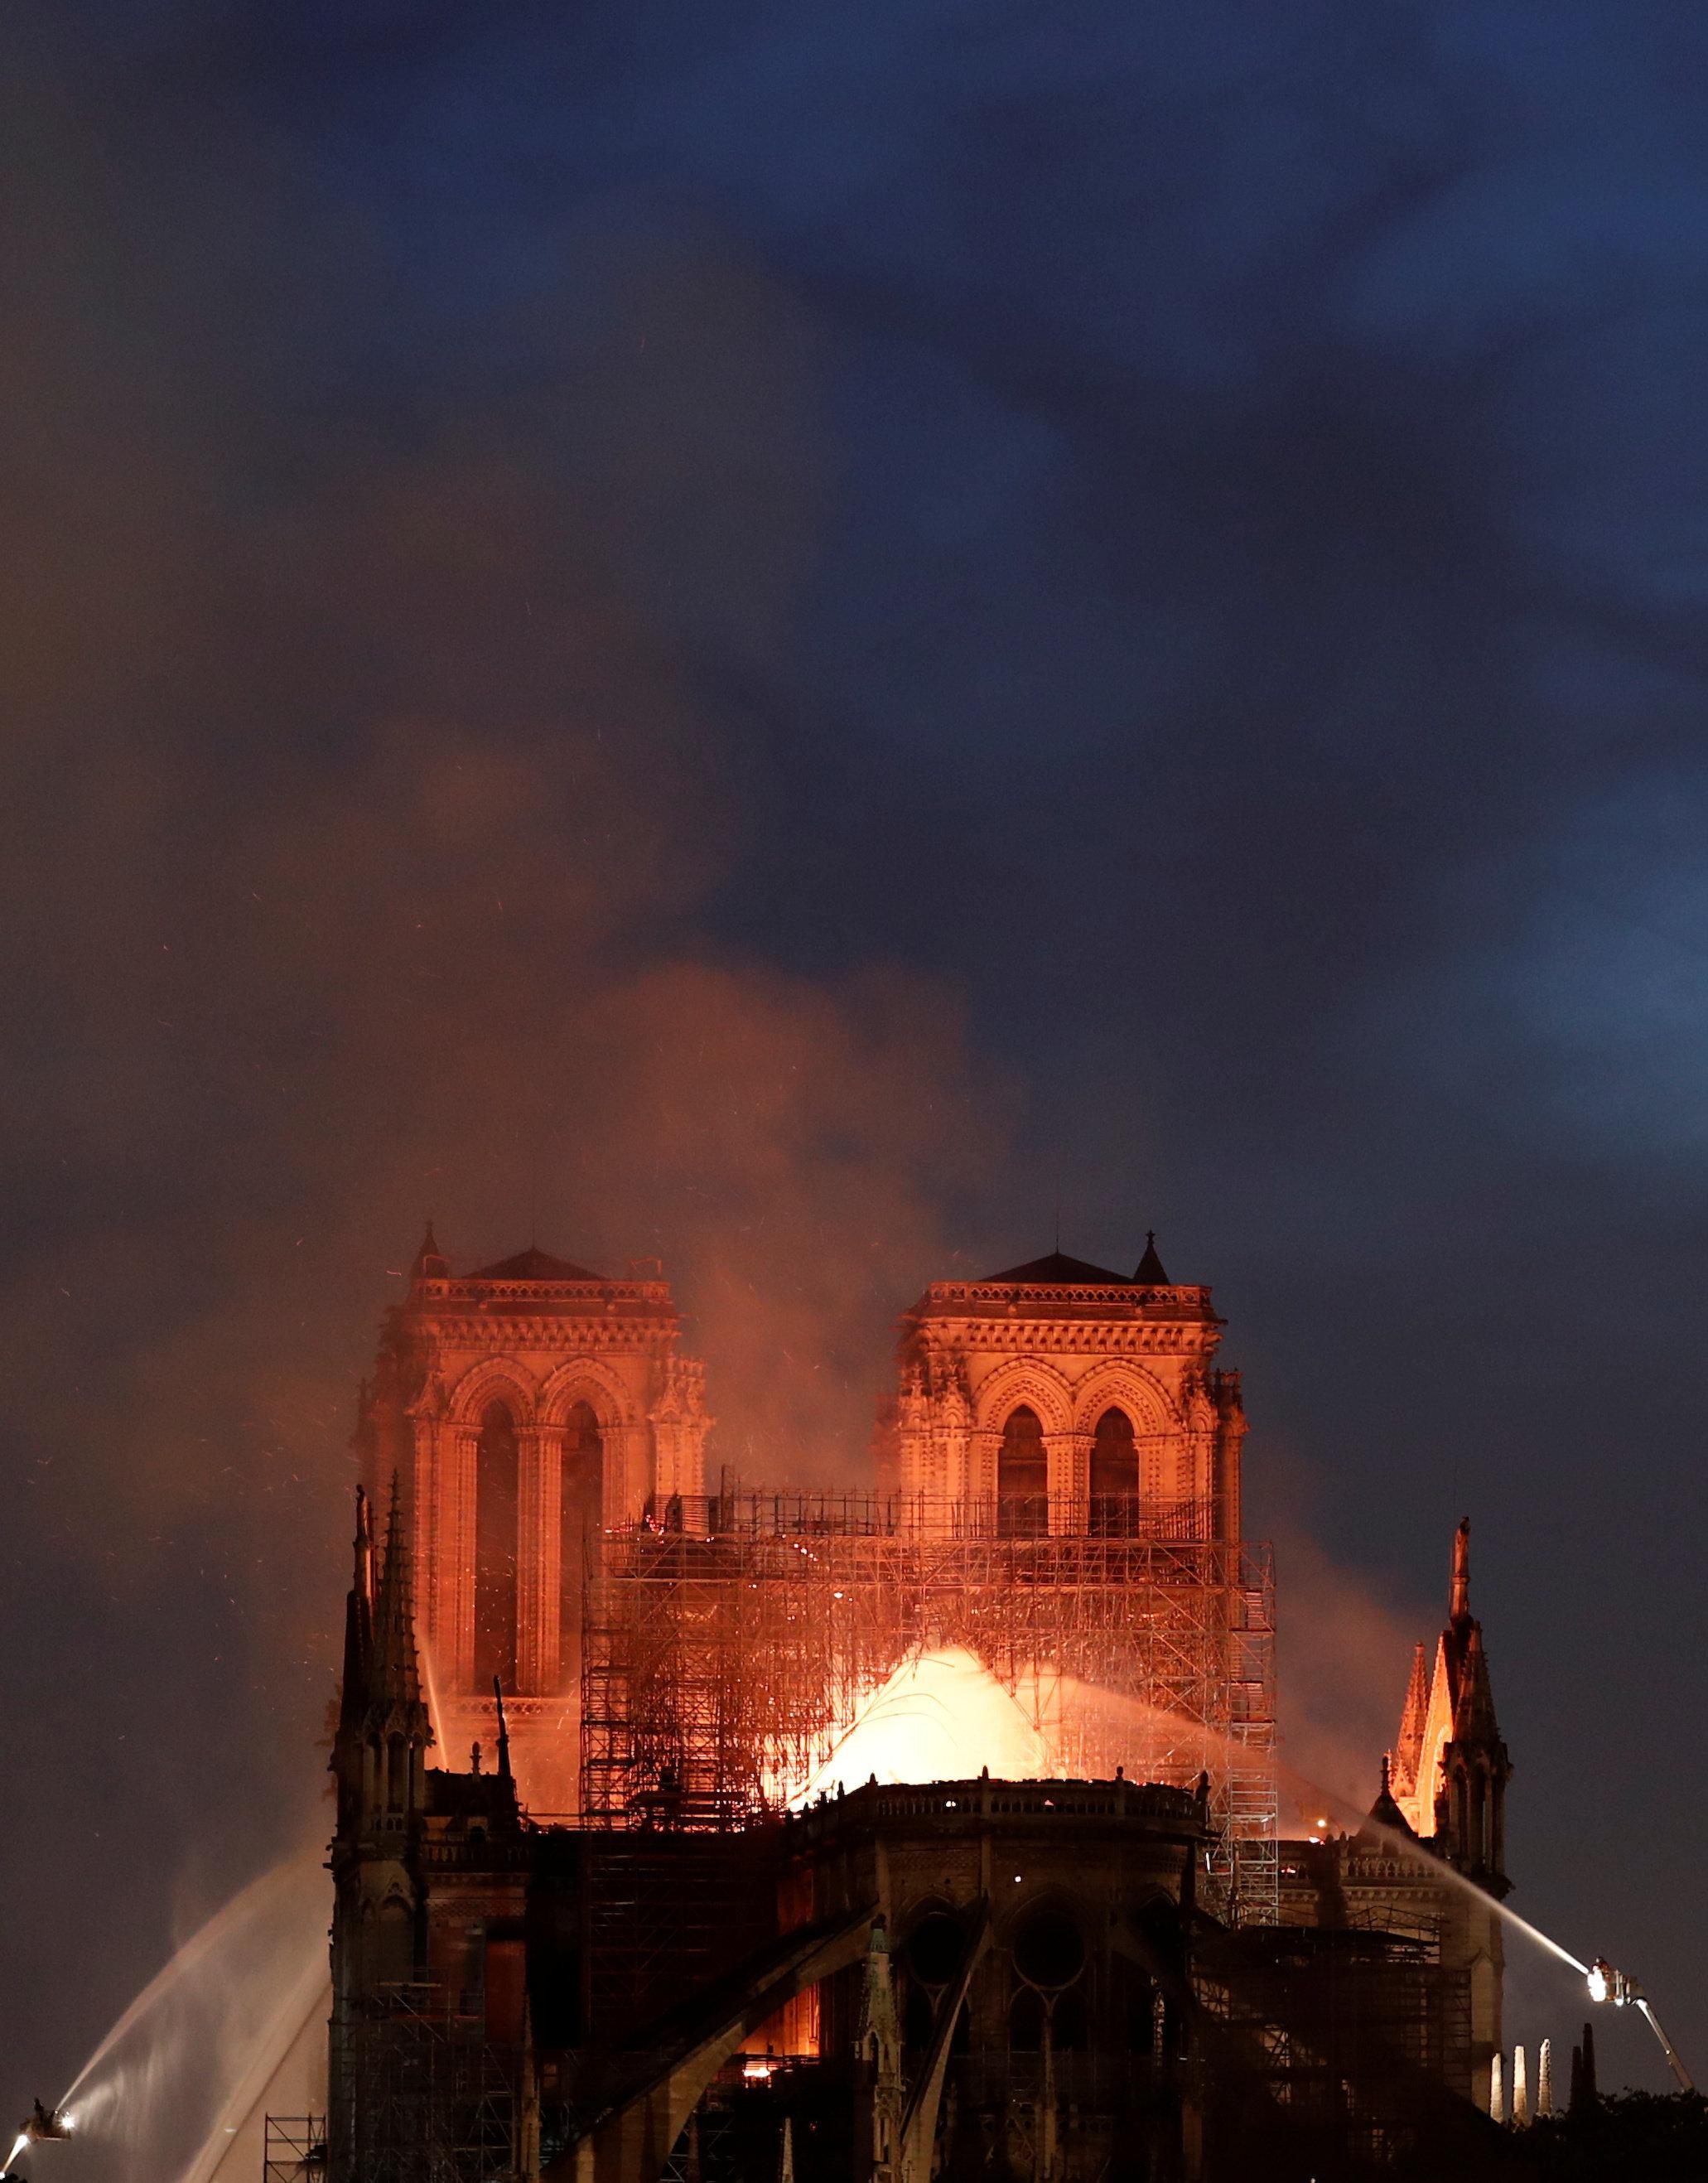 프랑스 노트르담 대성당 화재가 거의 진압됐다. 원인은 리노베이션 작업과 관련 있을 것으로